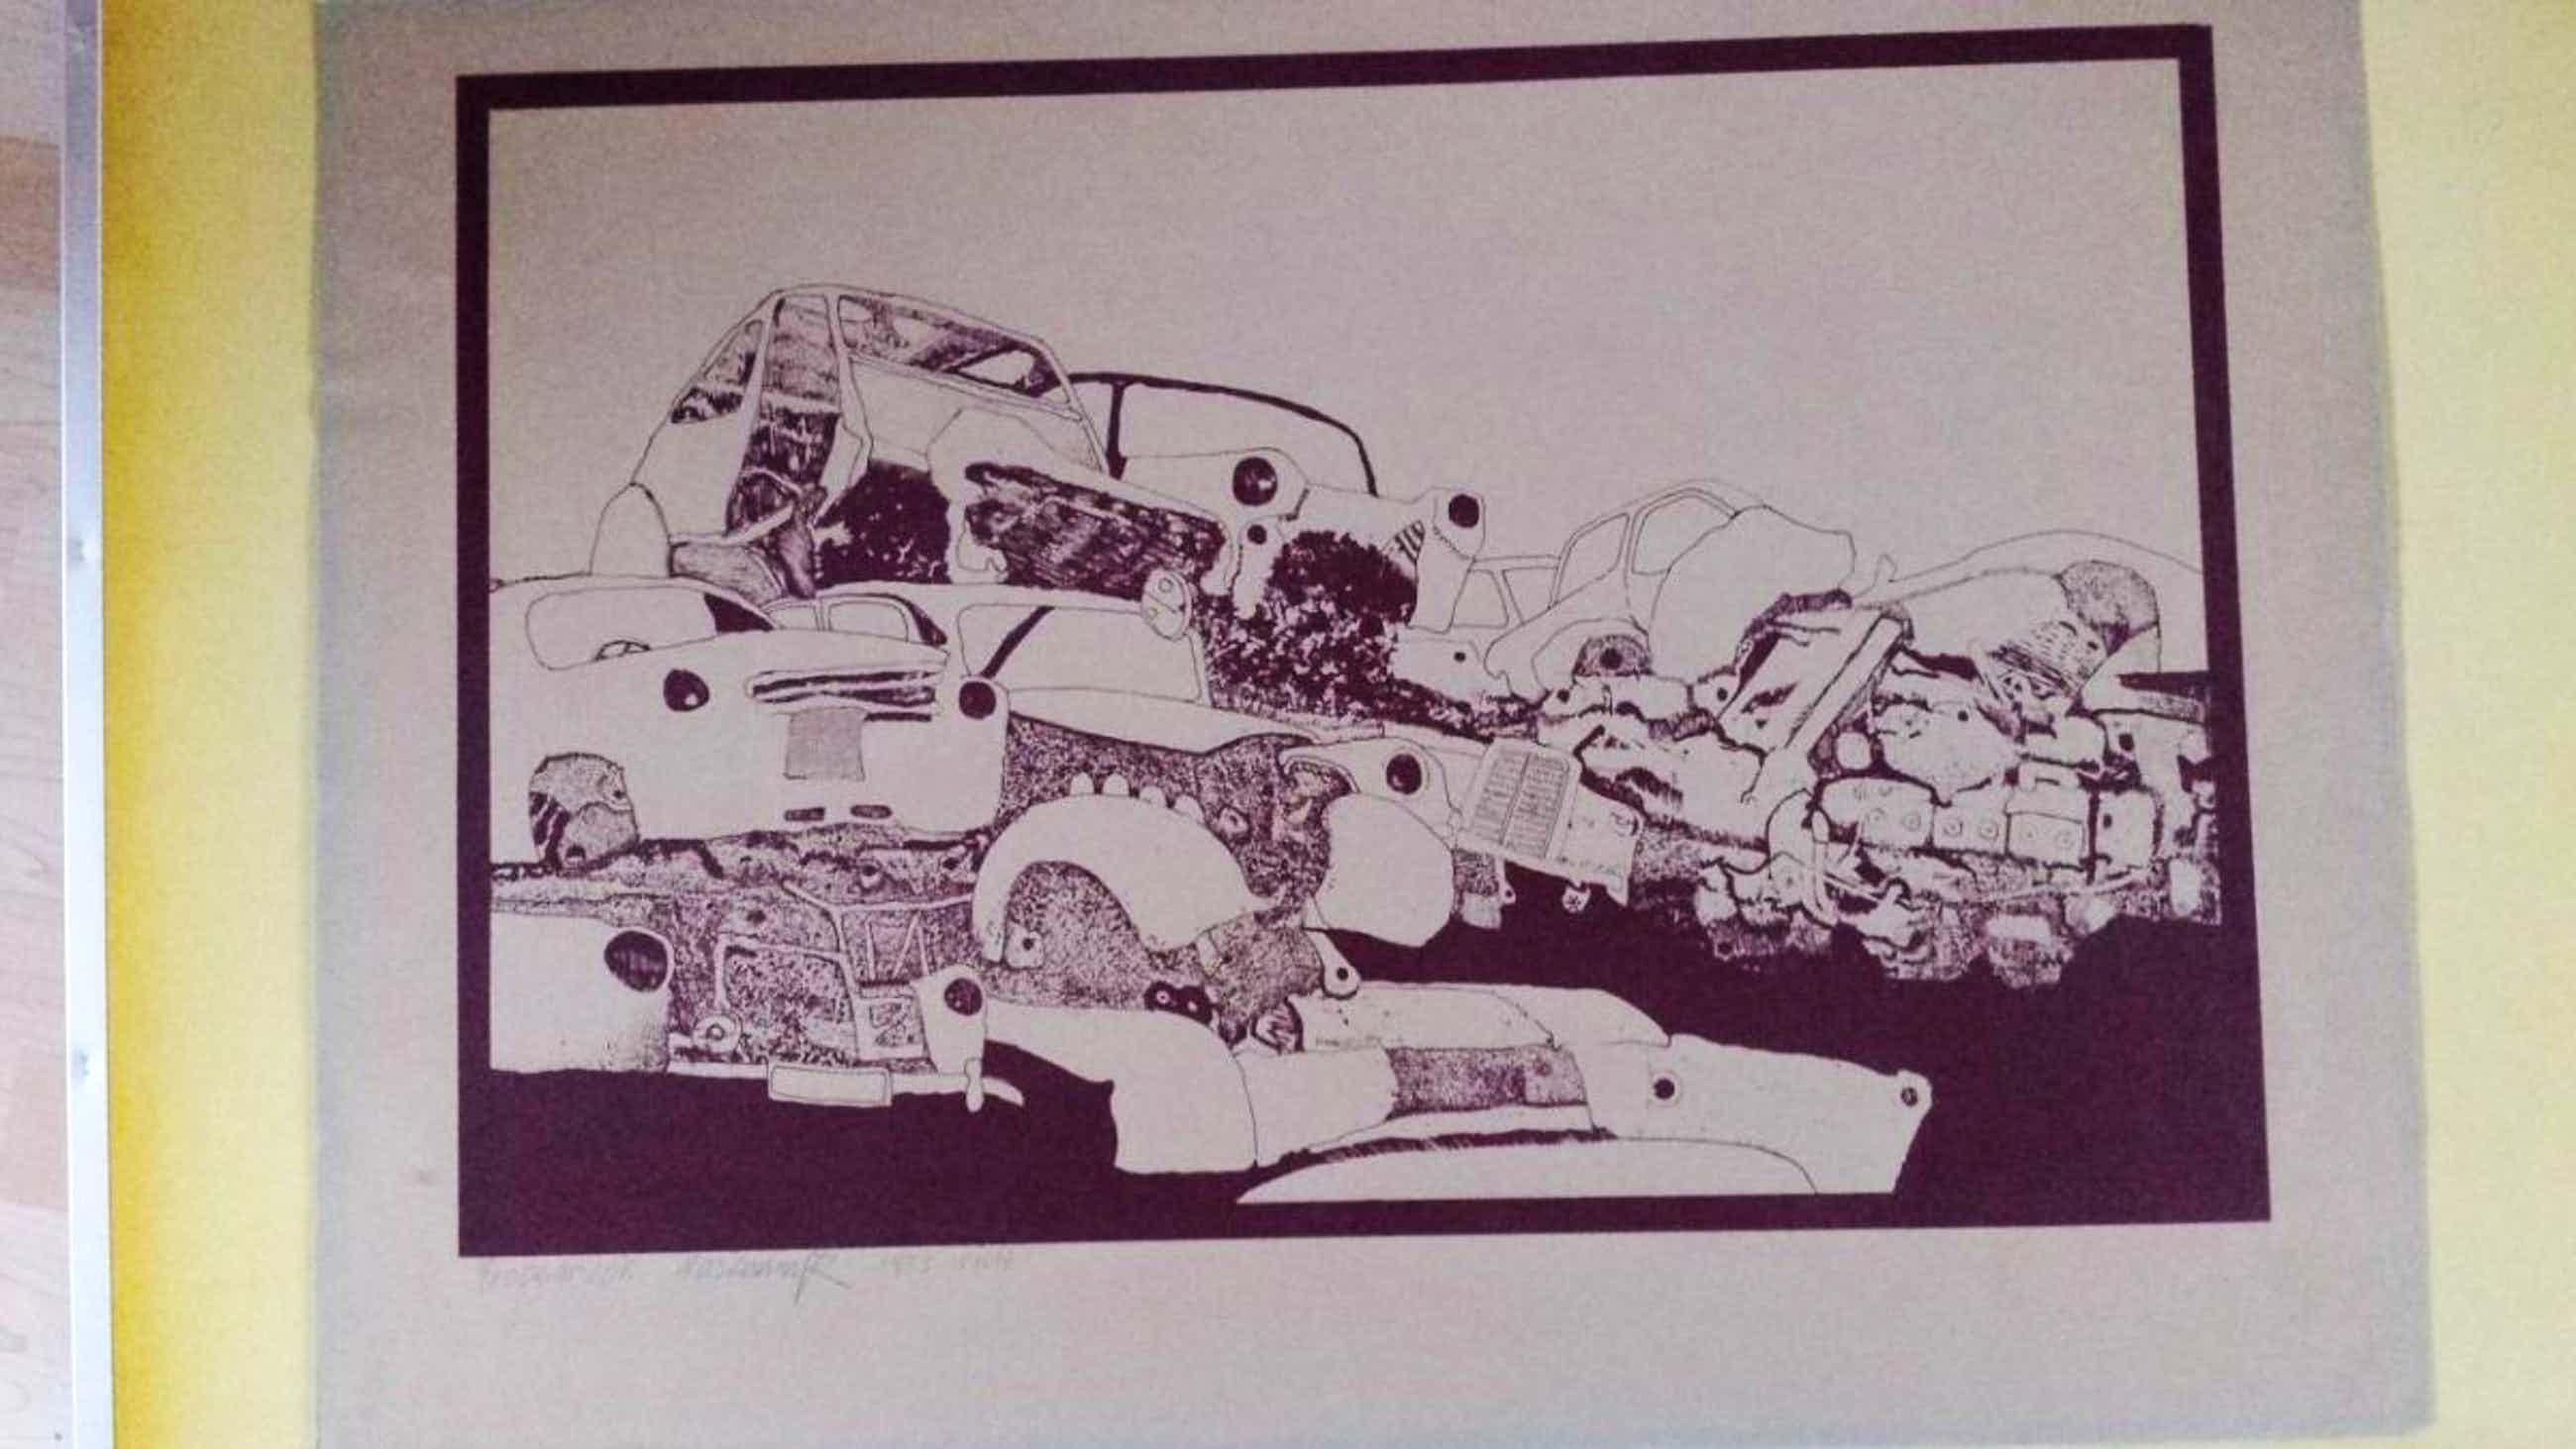 Herbert Pasiecznyk - Autofriedhof, Probedruck von 1973 kopen? Bied vanaf 50!